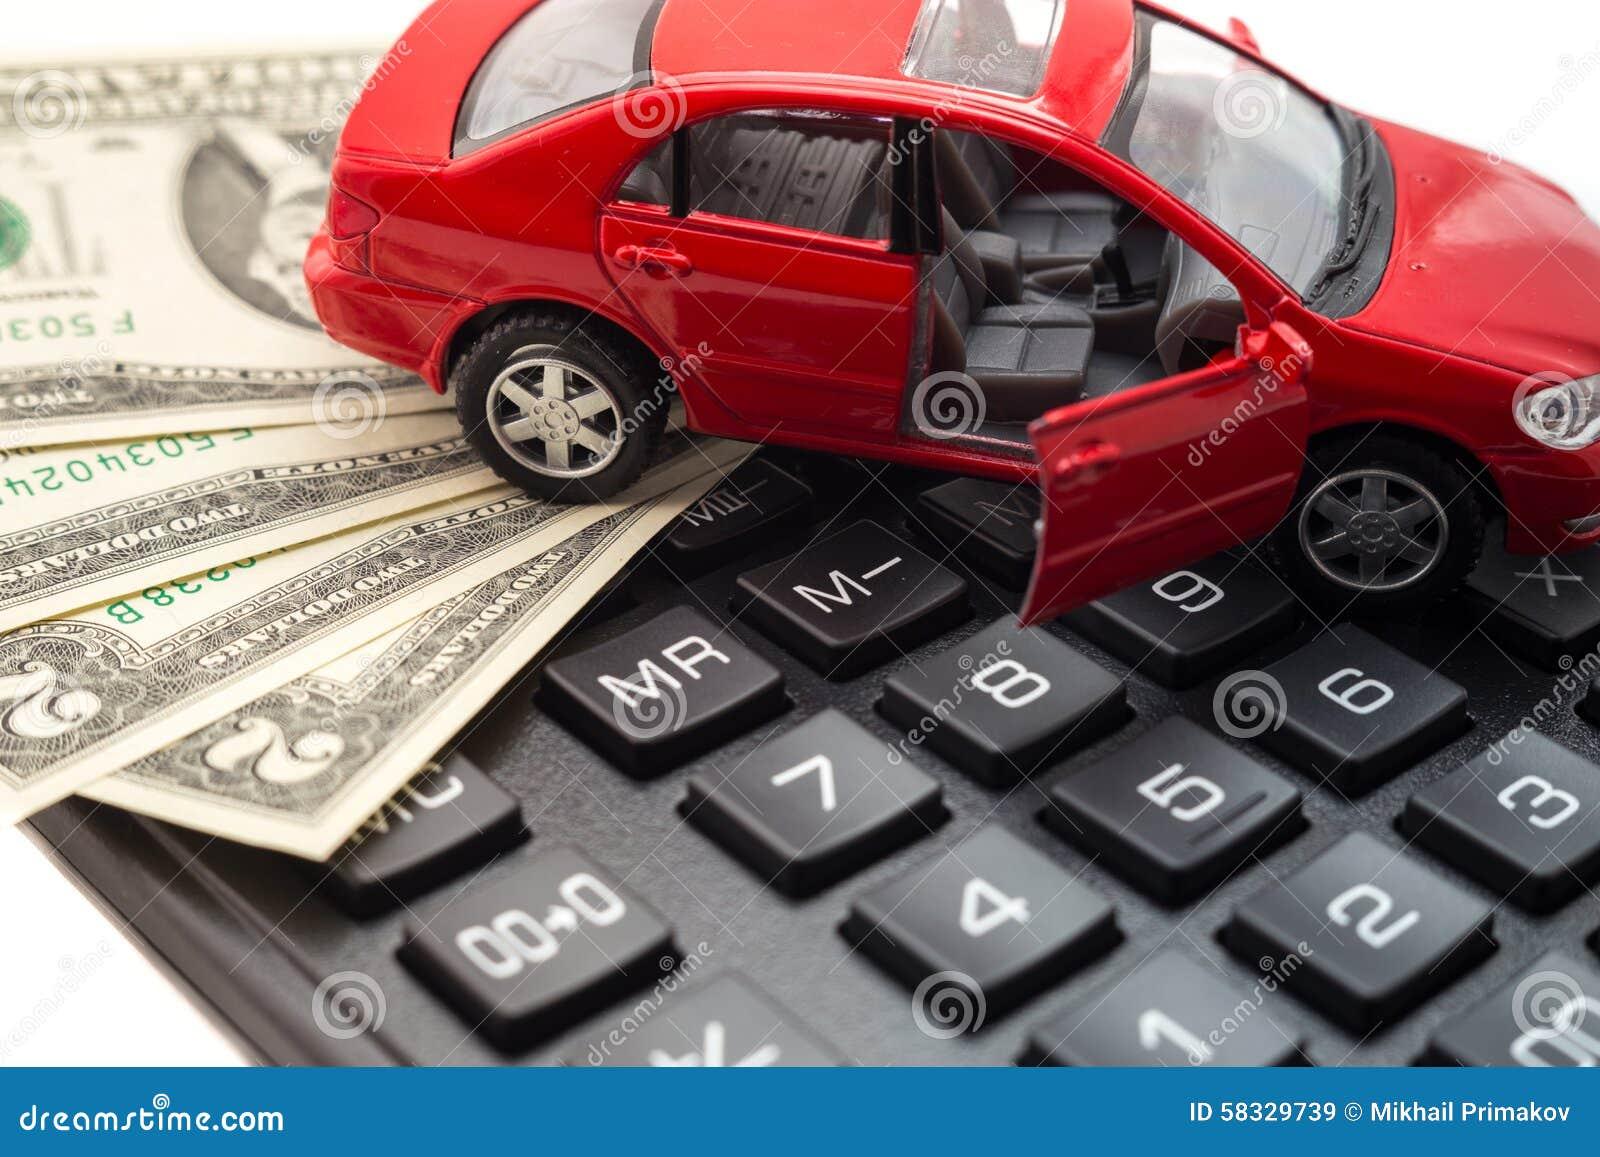 20万的车一年全险多少钱   新一站保险网